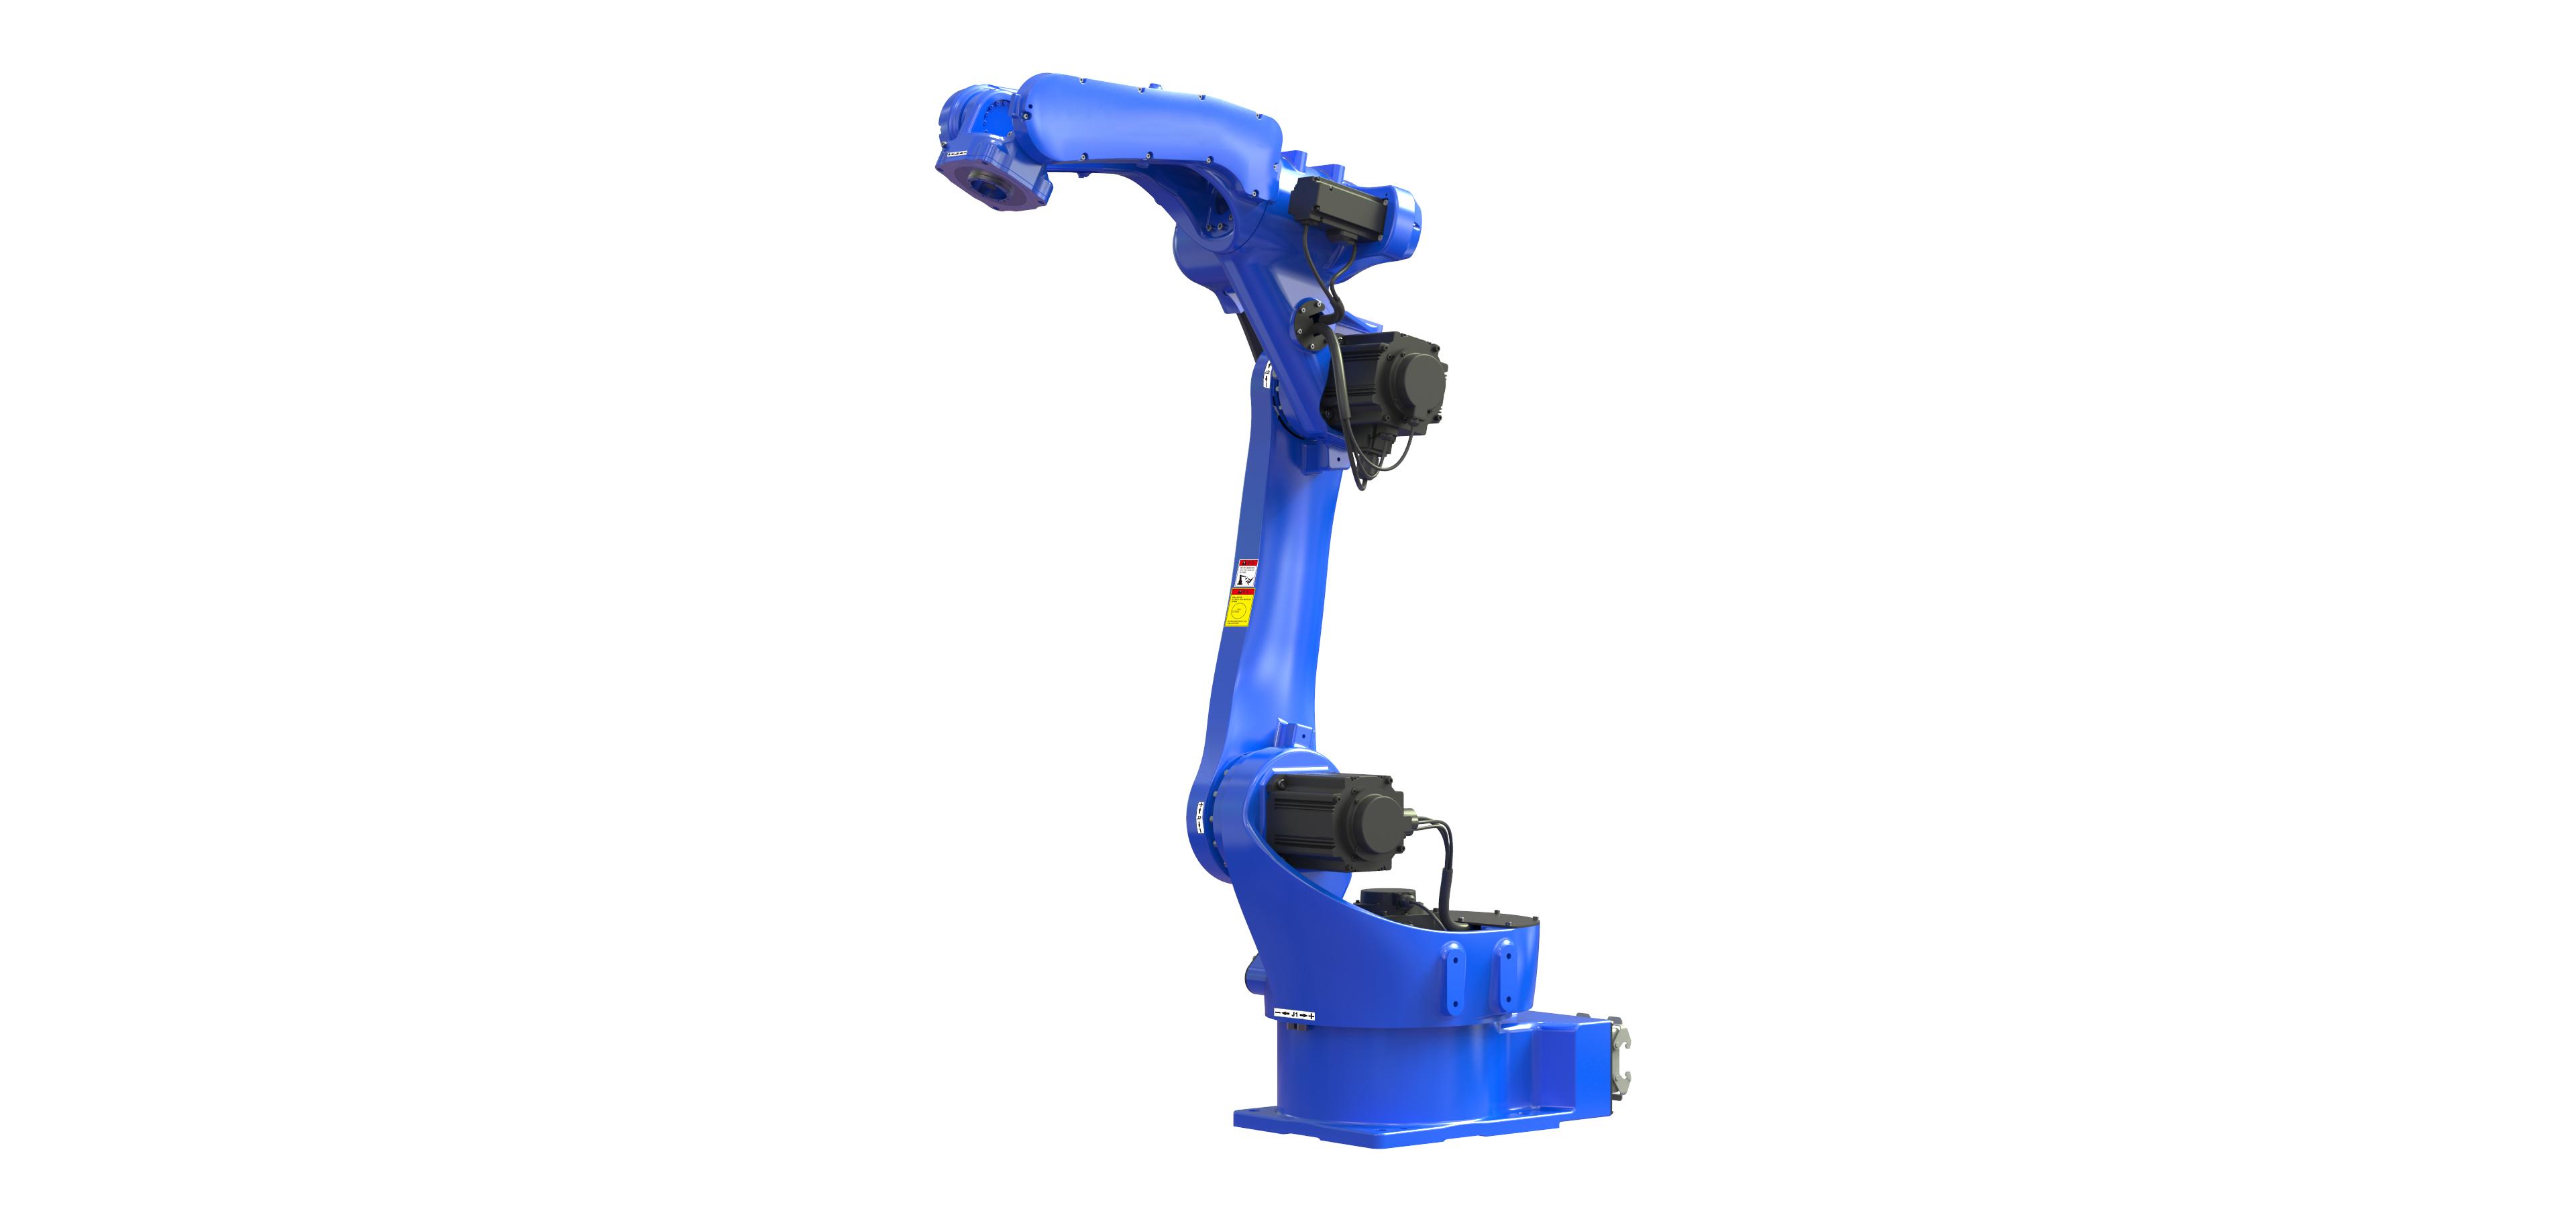 搬运机器人CRP-RH14-10